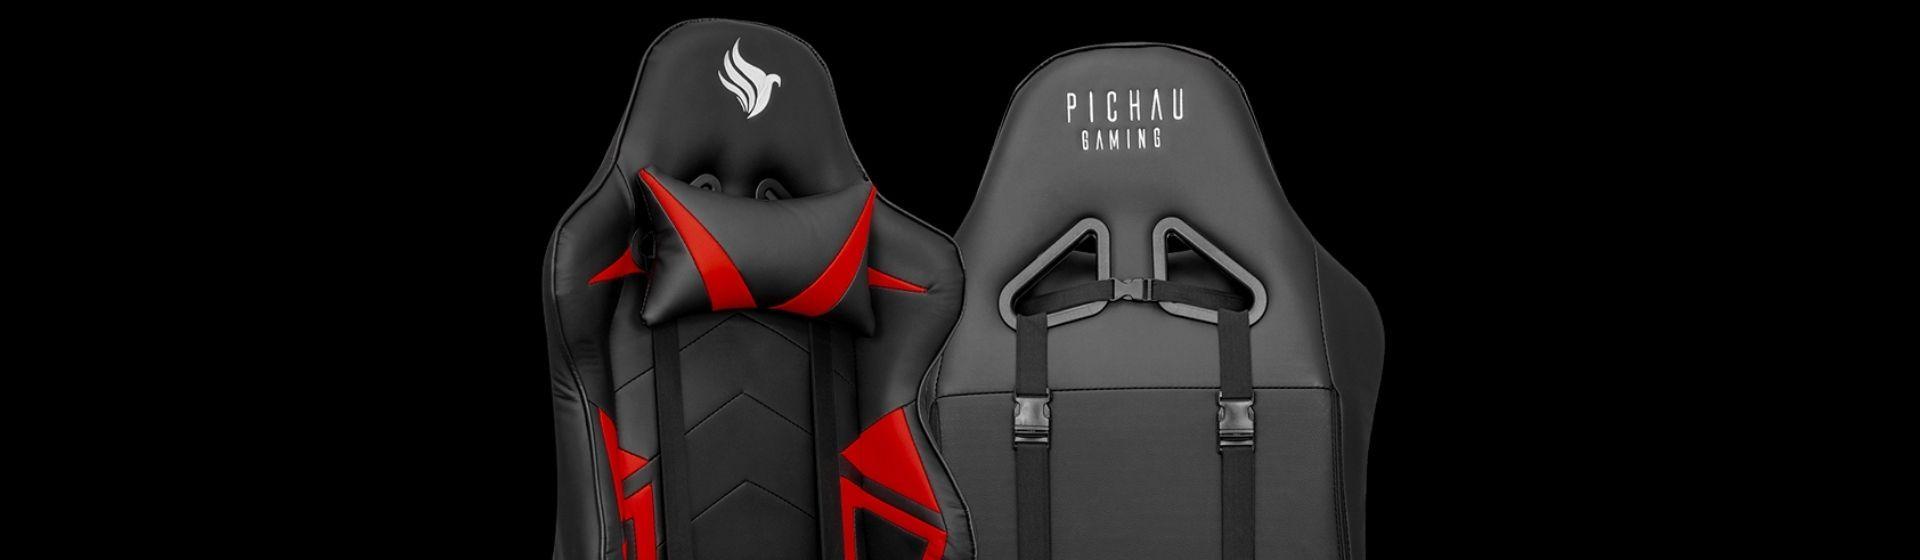 Melhor cadeira gamer Pichau: 7 bons modelos para comprar em 2021